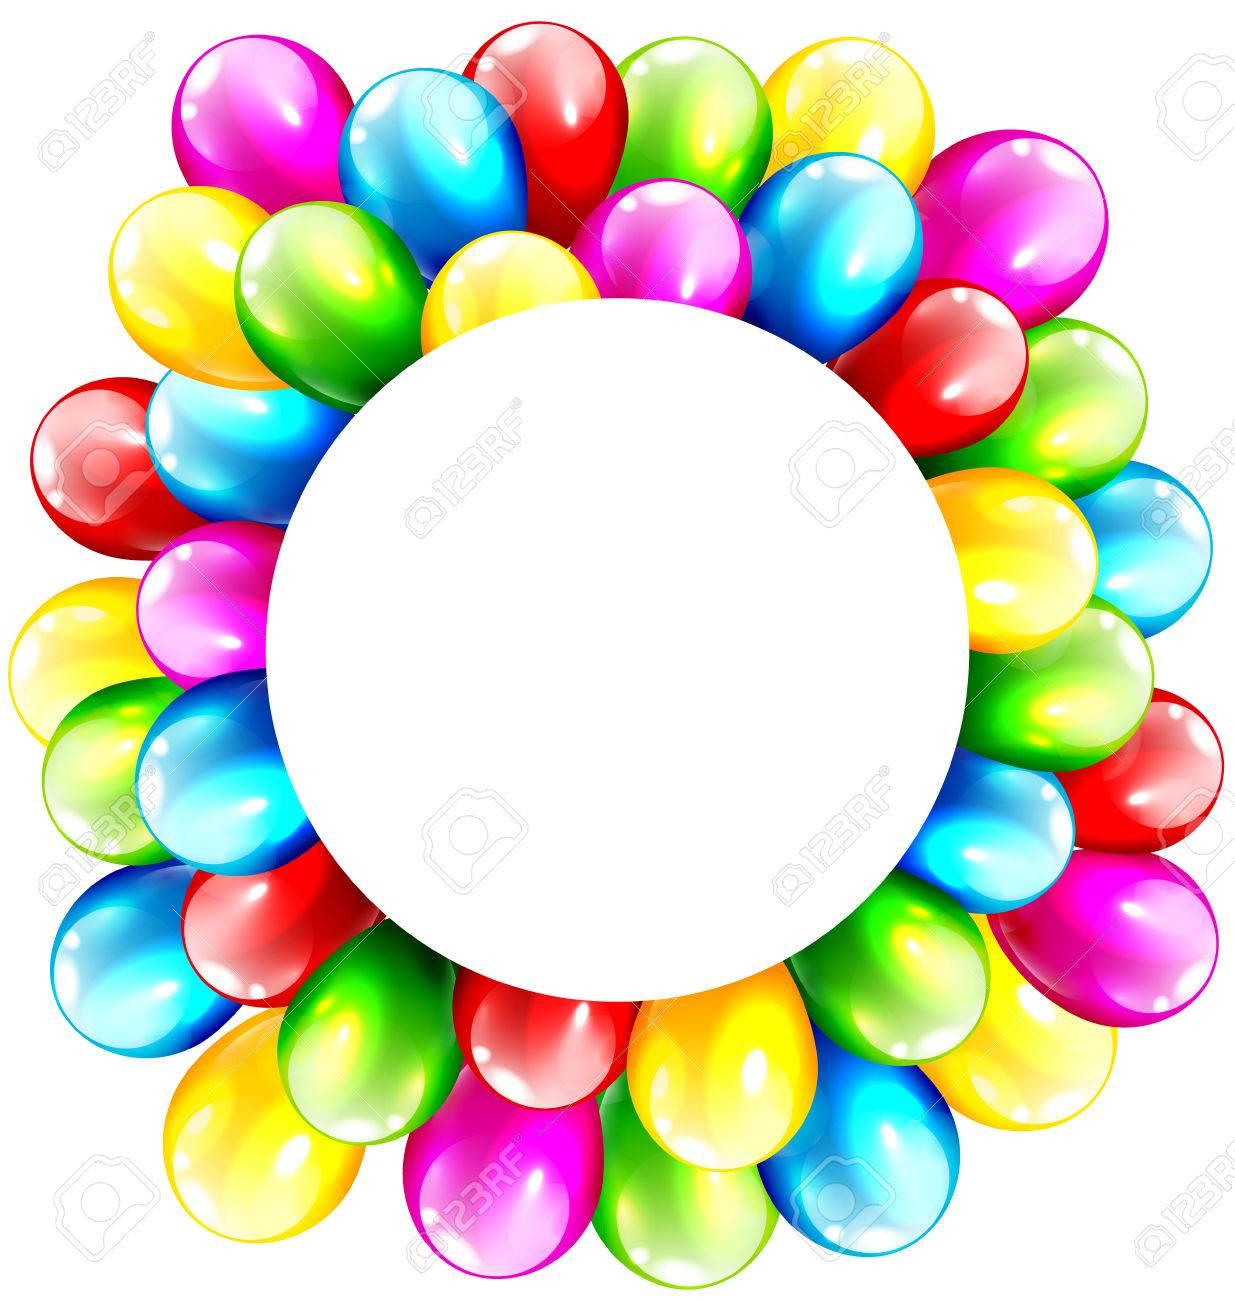 Celebración inflables multicolores brillantes Globos con marco del círculo  aisladas sobre fondo blanco Foto de archivo d7f05e2de4a